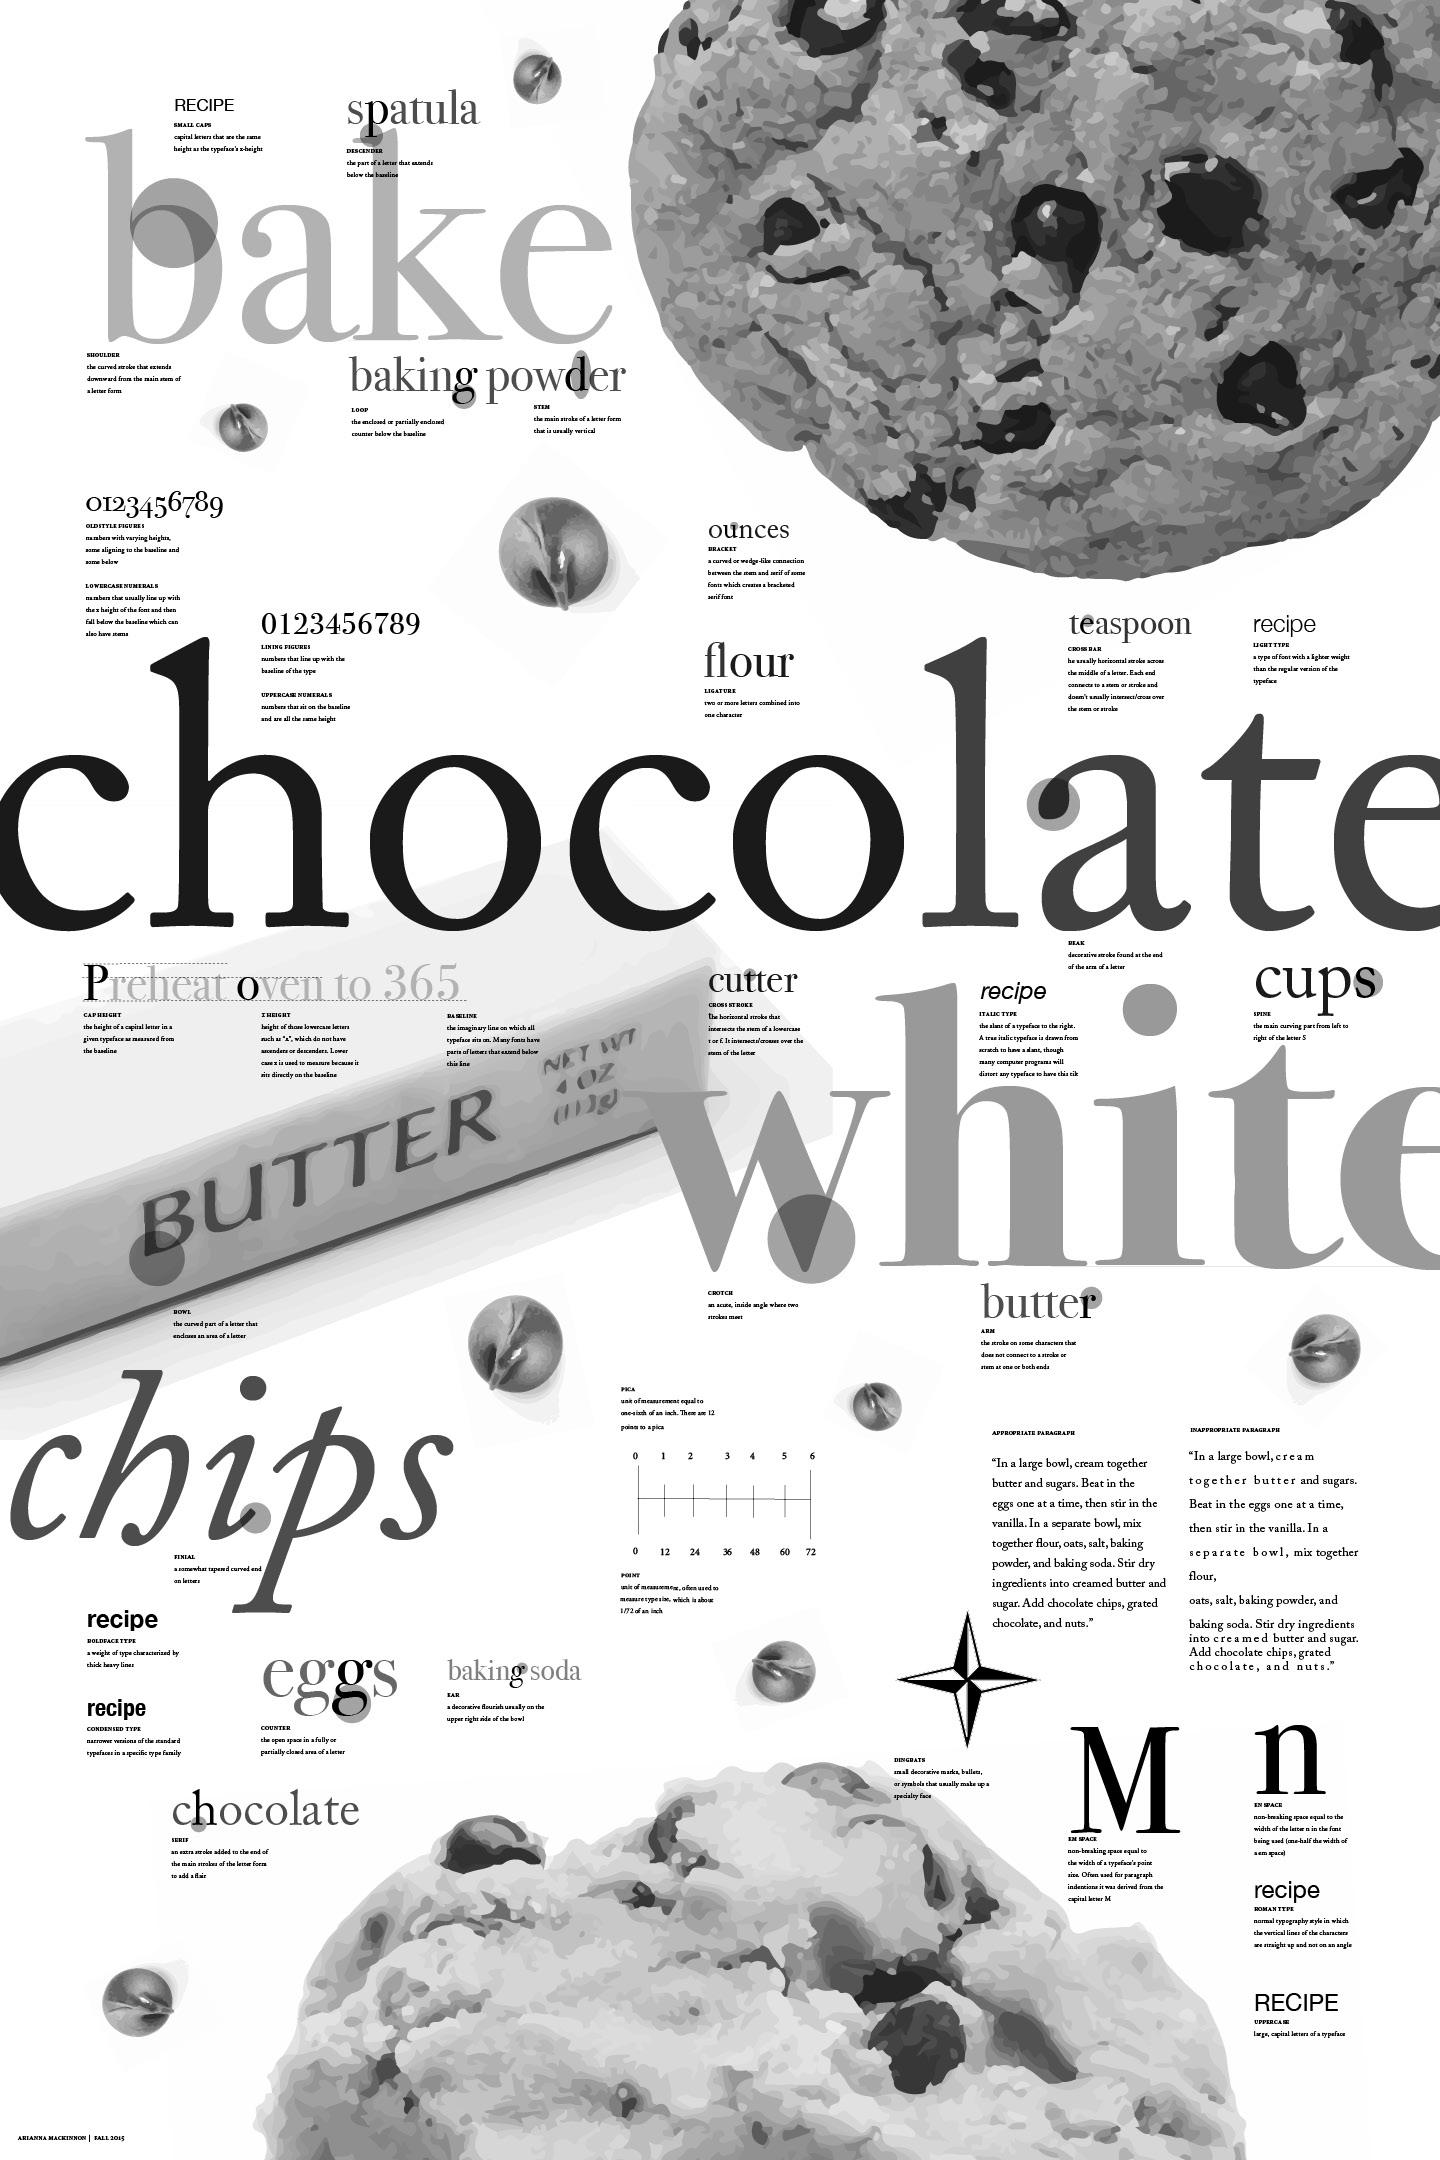 typeposter.jpg